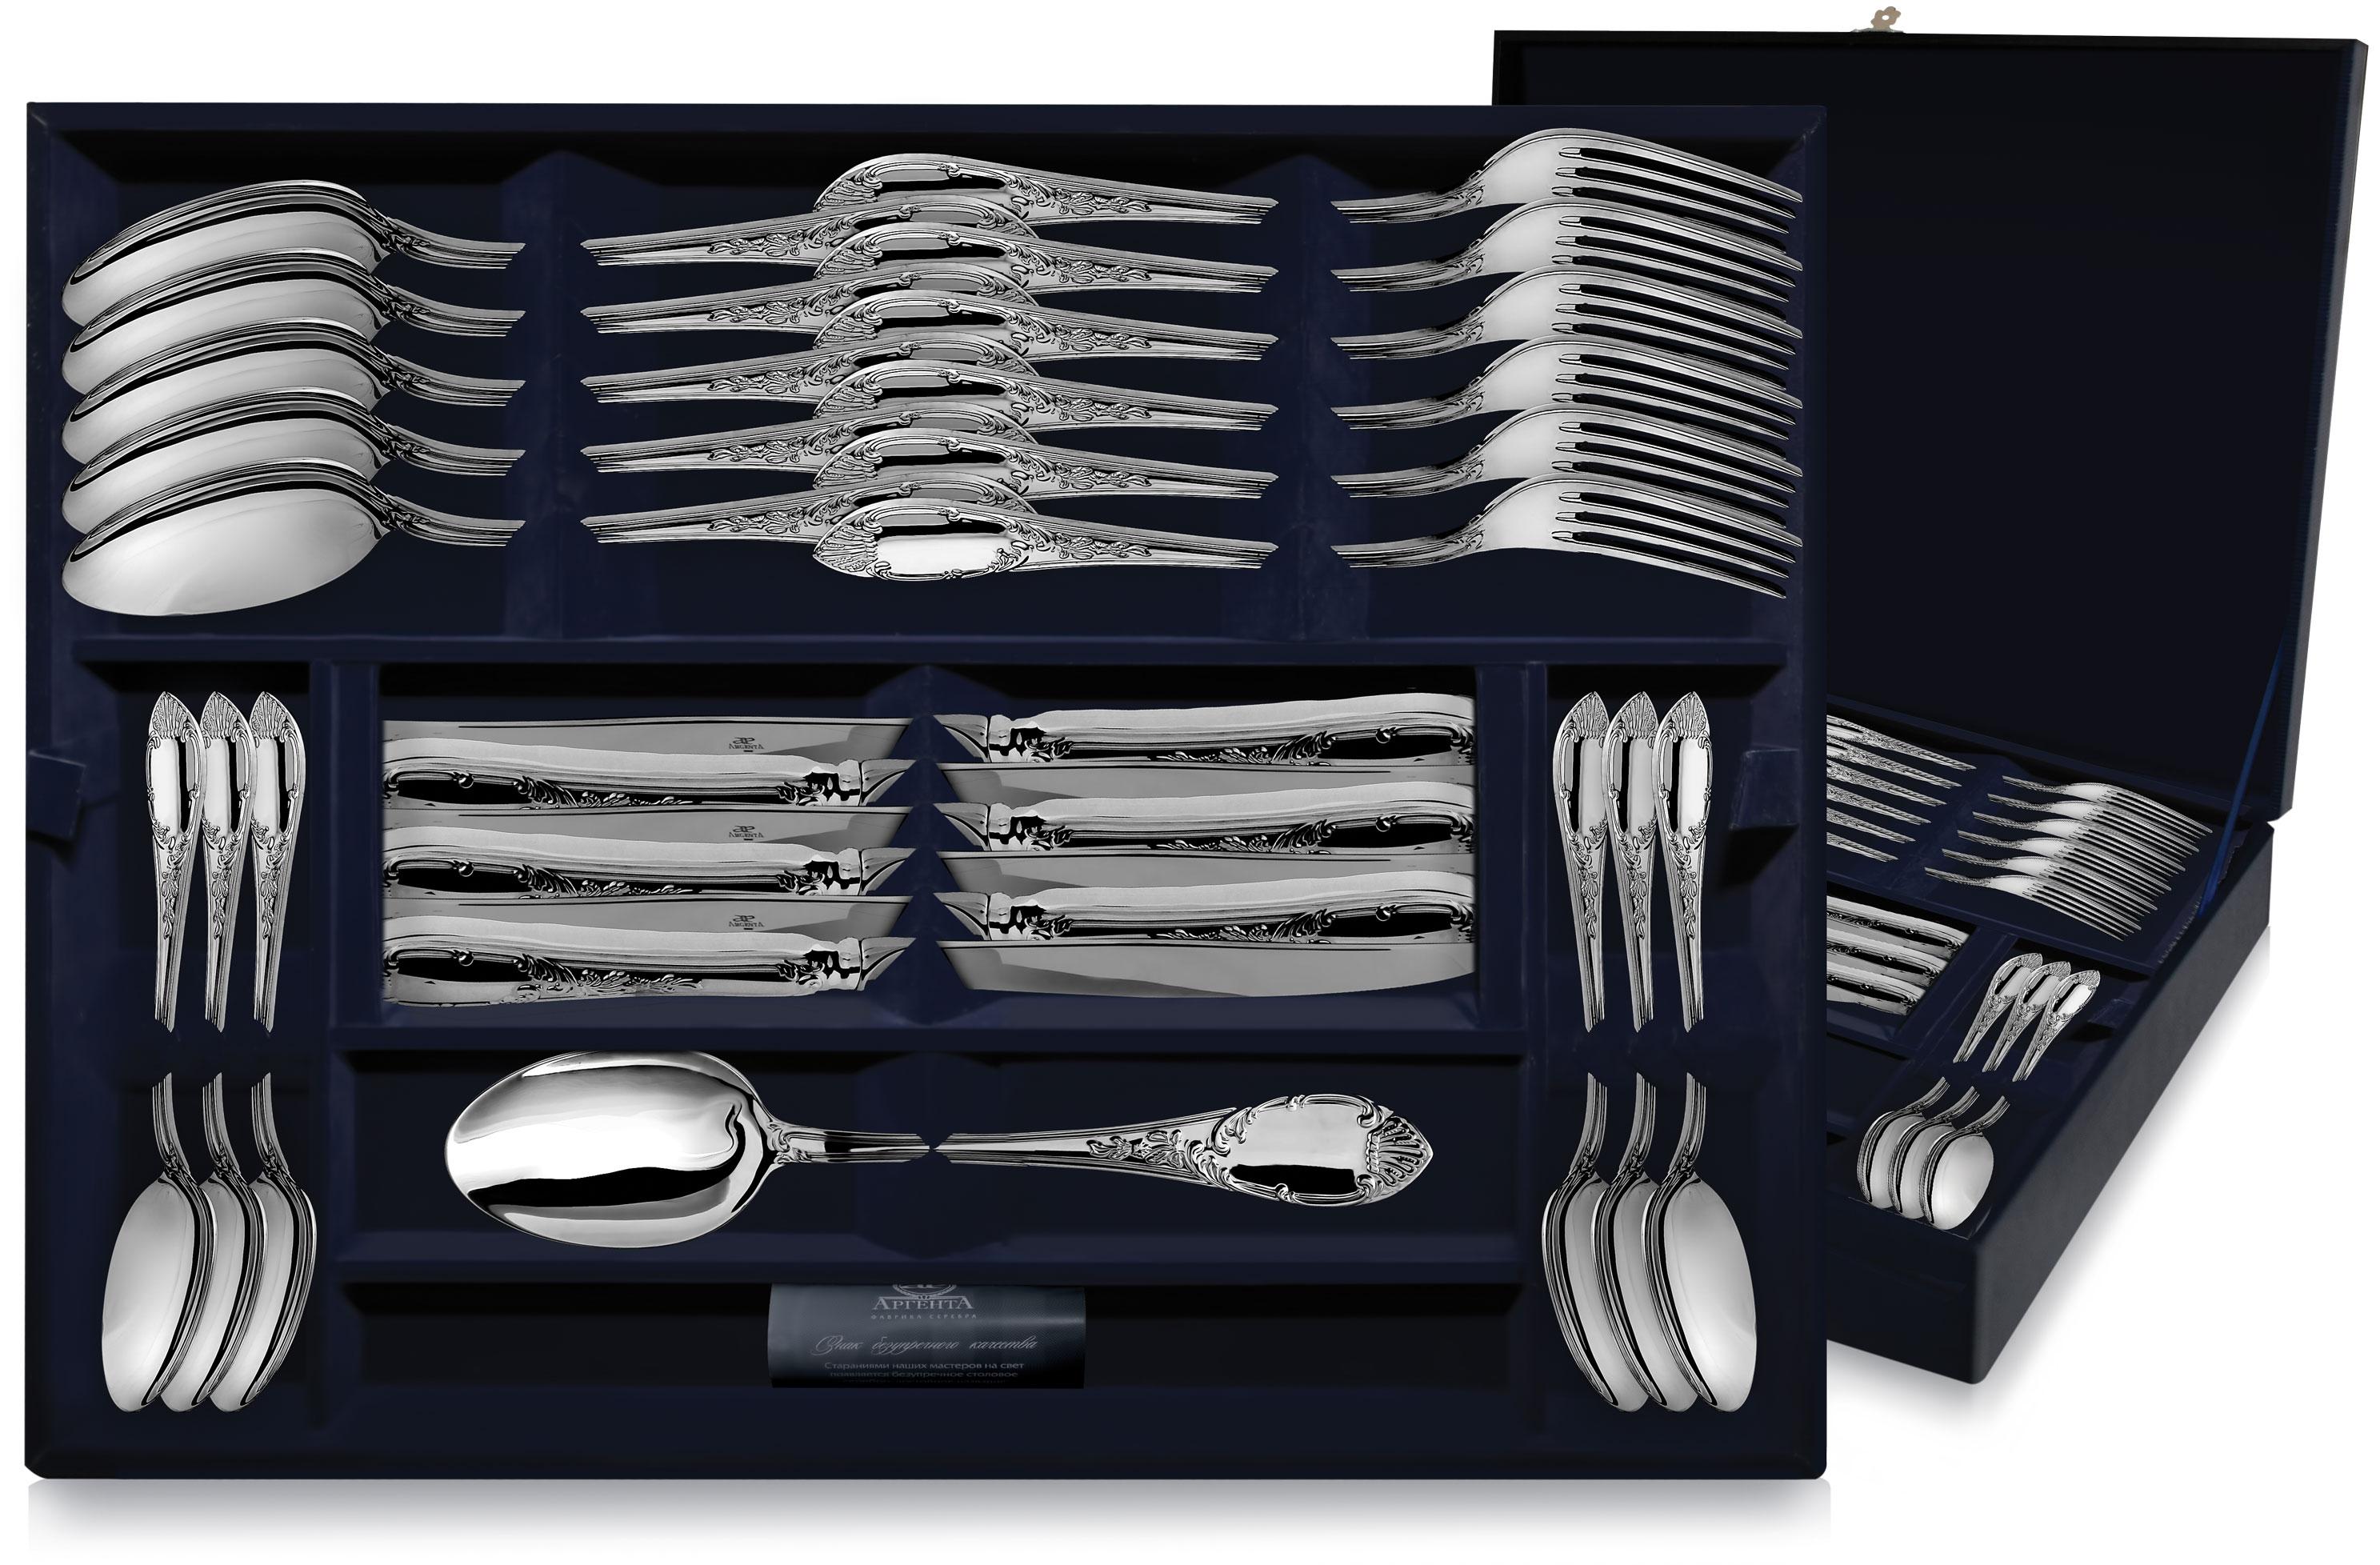 Набор столовых приборов из серебра ПРЕСТИЖ в футляре от Argenta на 6 персон